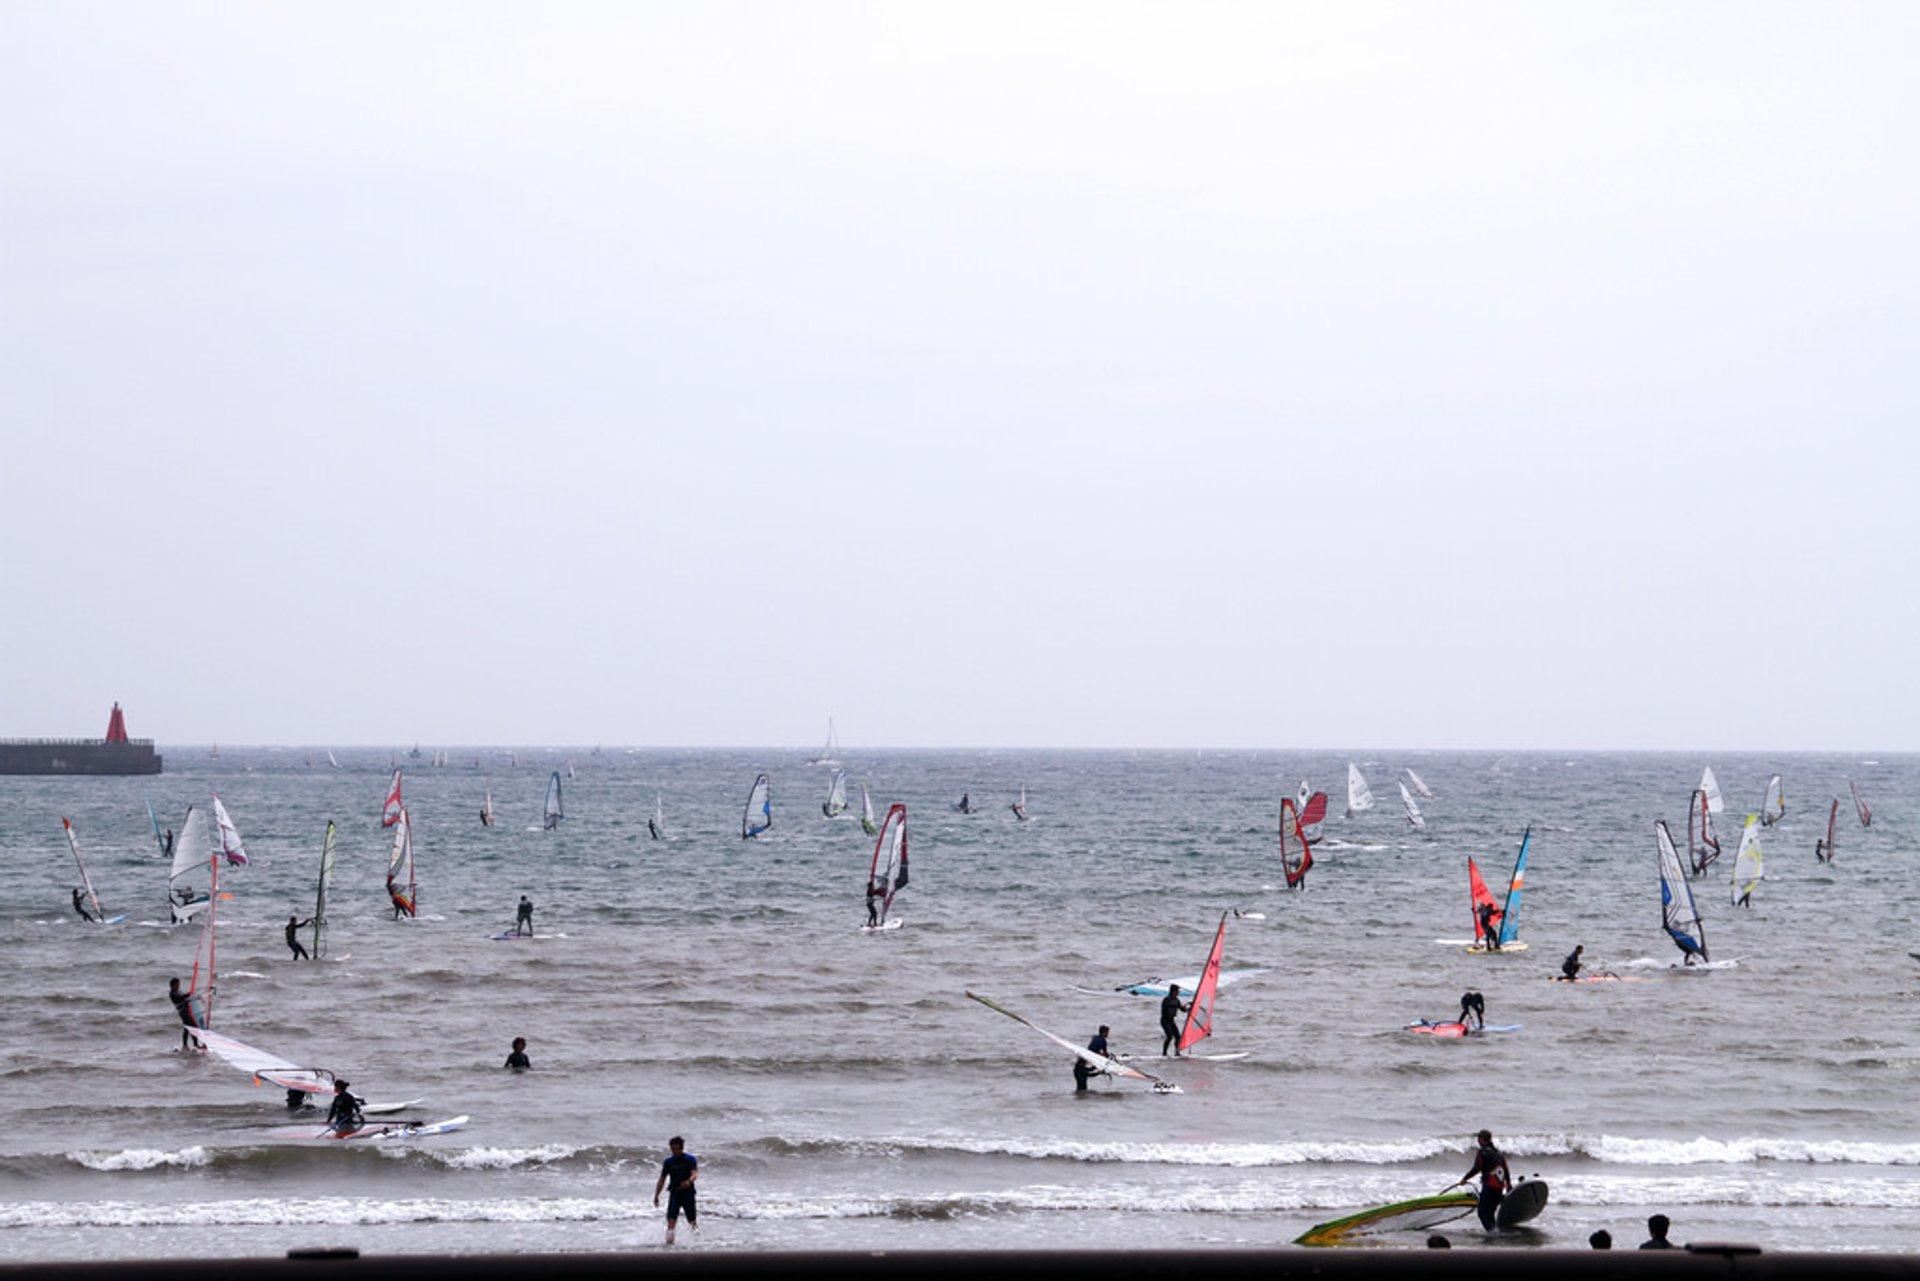 Zushi, Kanagawa, Japan 2020